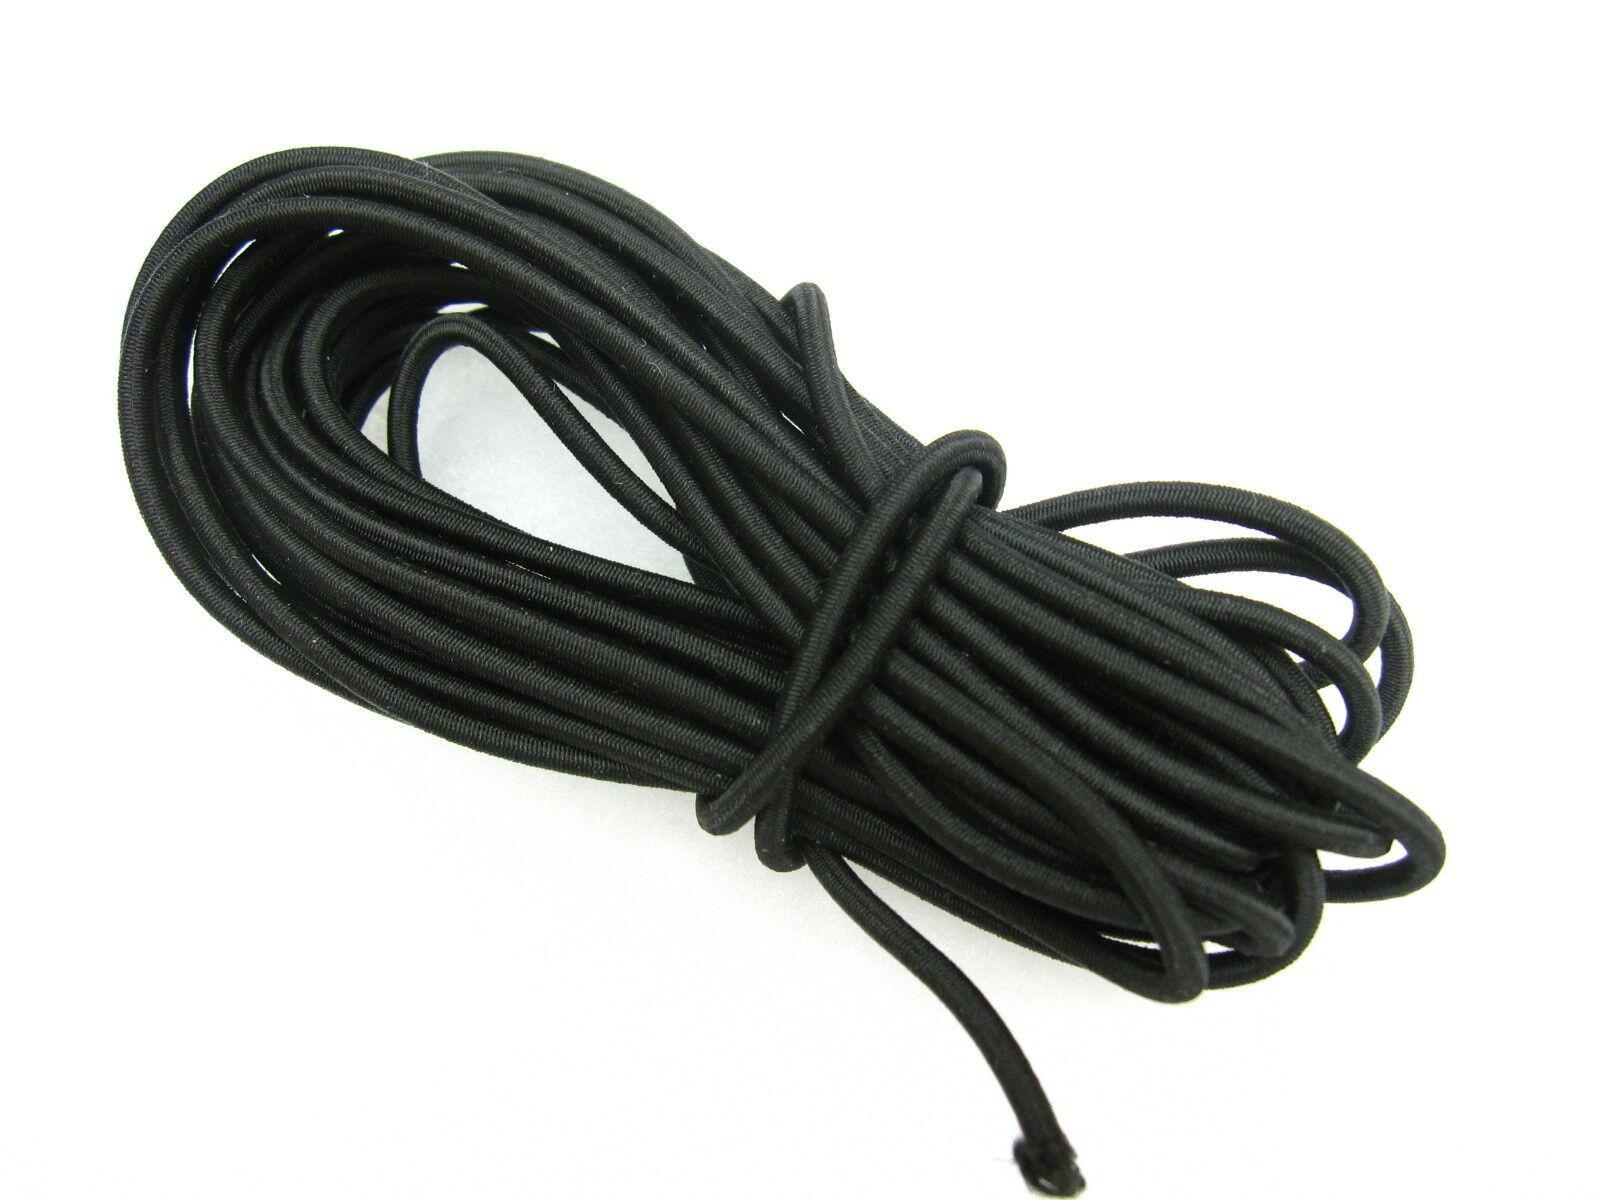 5 mts black elasticated 3mm diameter bungee shock cord - Elastic shockcord rope